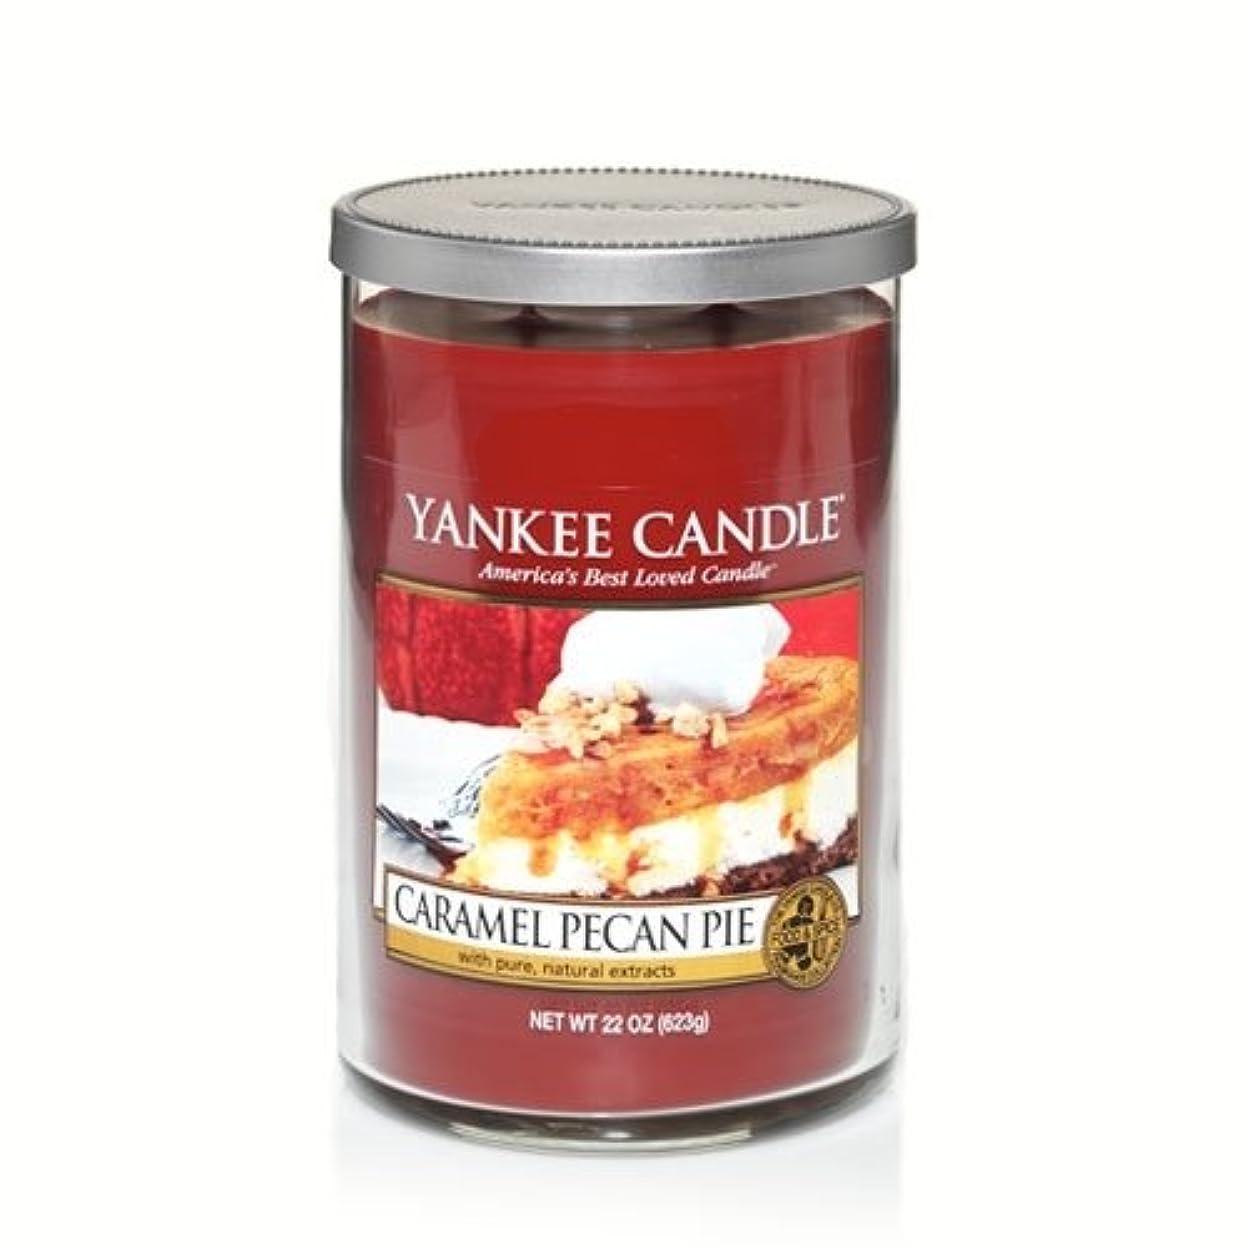 フリル支出目的Yankee Candle Caramel Pecan Pie , Food & Spice香り Large Tumbler Candles 1245593-YC